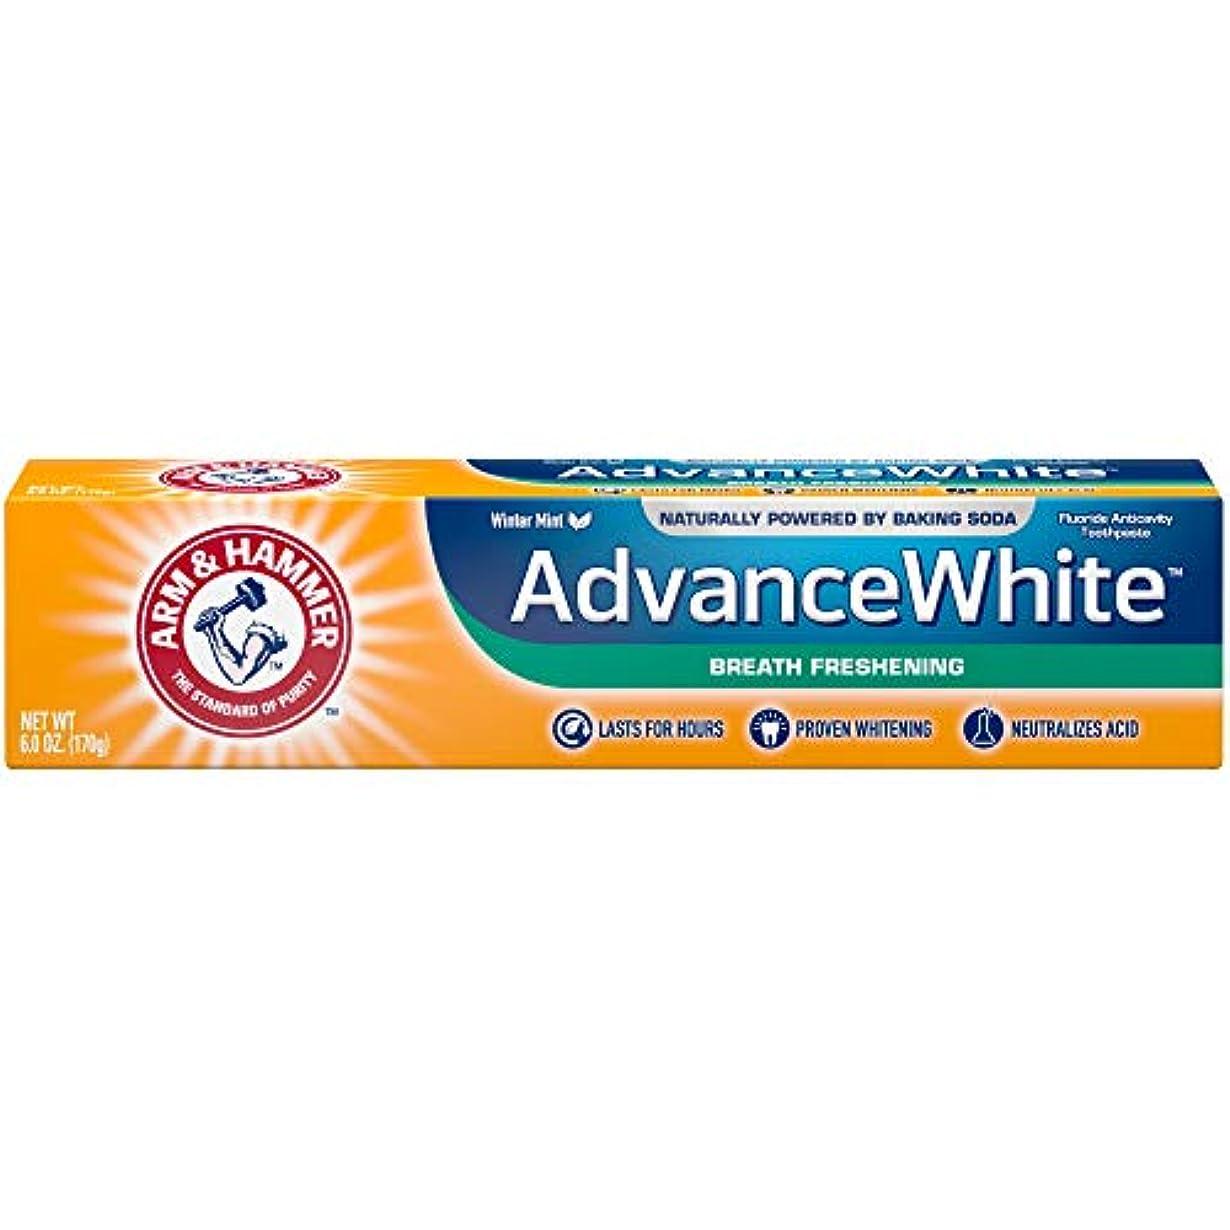 類似性超えて酸素アーム&ハマー アドバンス ホワイト 歯磨き粉 ブレス フレッシュニング 170g Advance White Breath Freshing Baking Soda & Frosted Mint